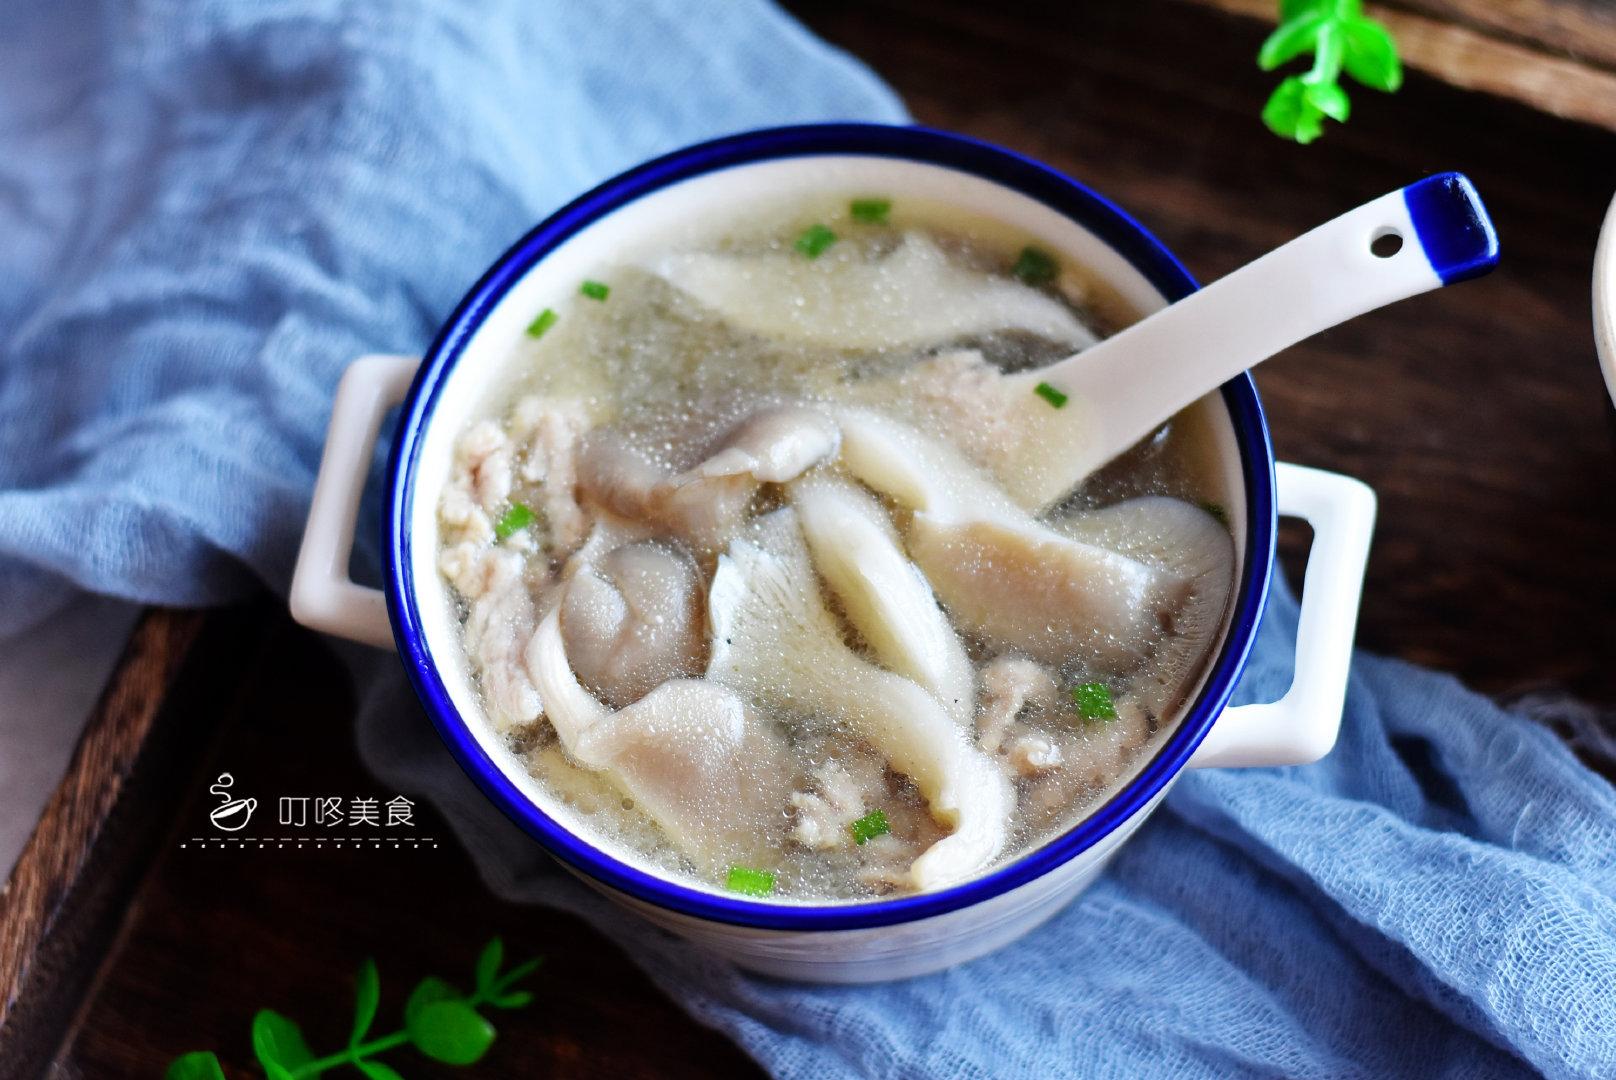 平菇瘦肉汤:鲜美营养又好喝